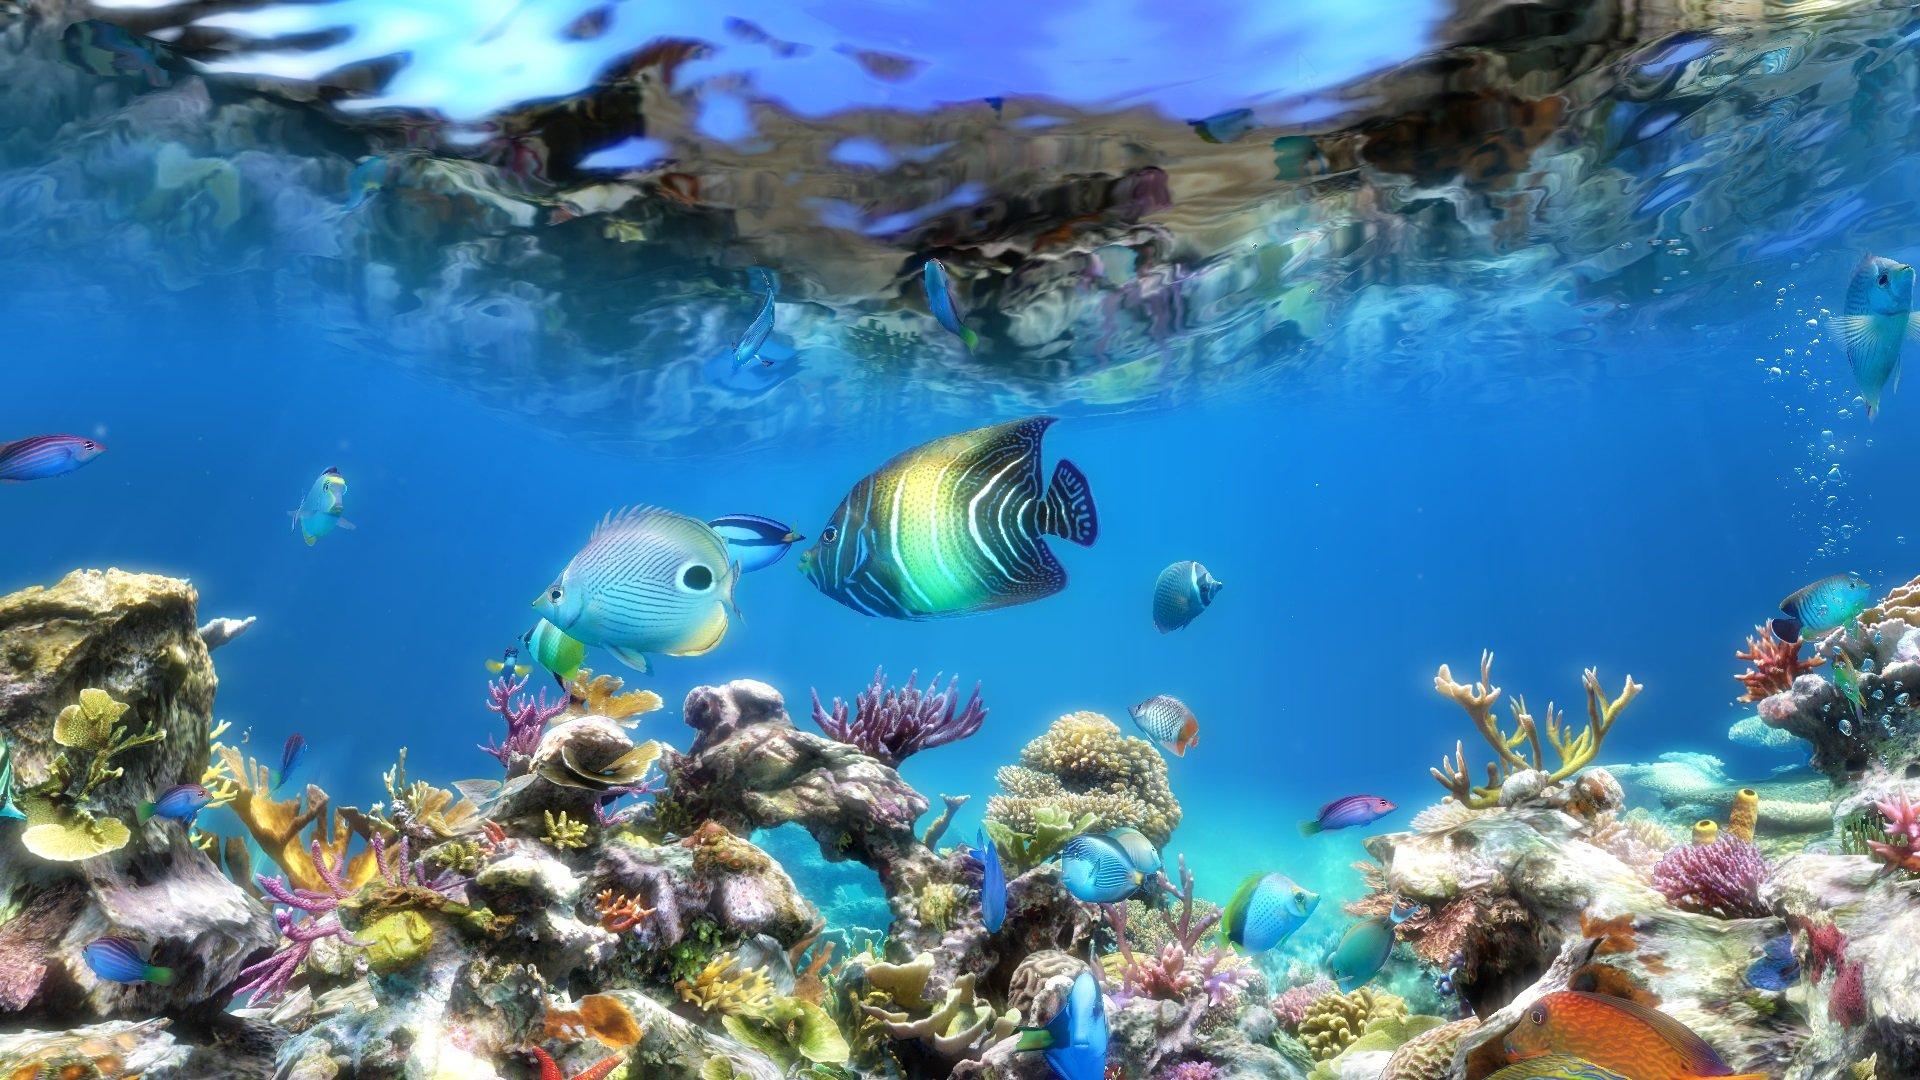 Анимационные обои аквариум на рабочий стол